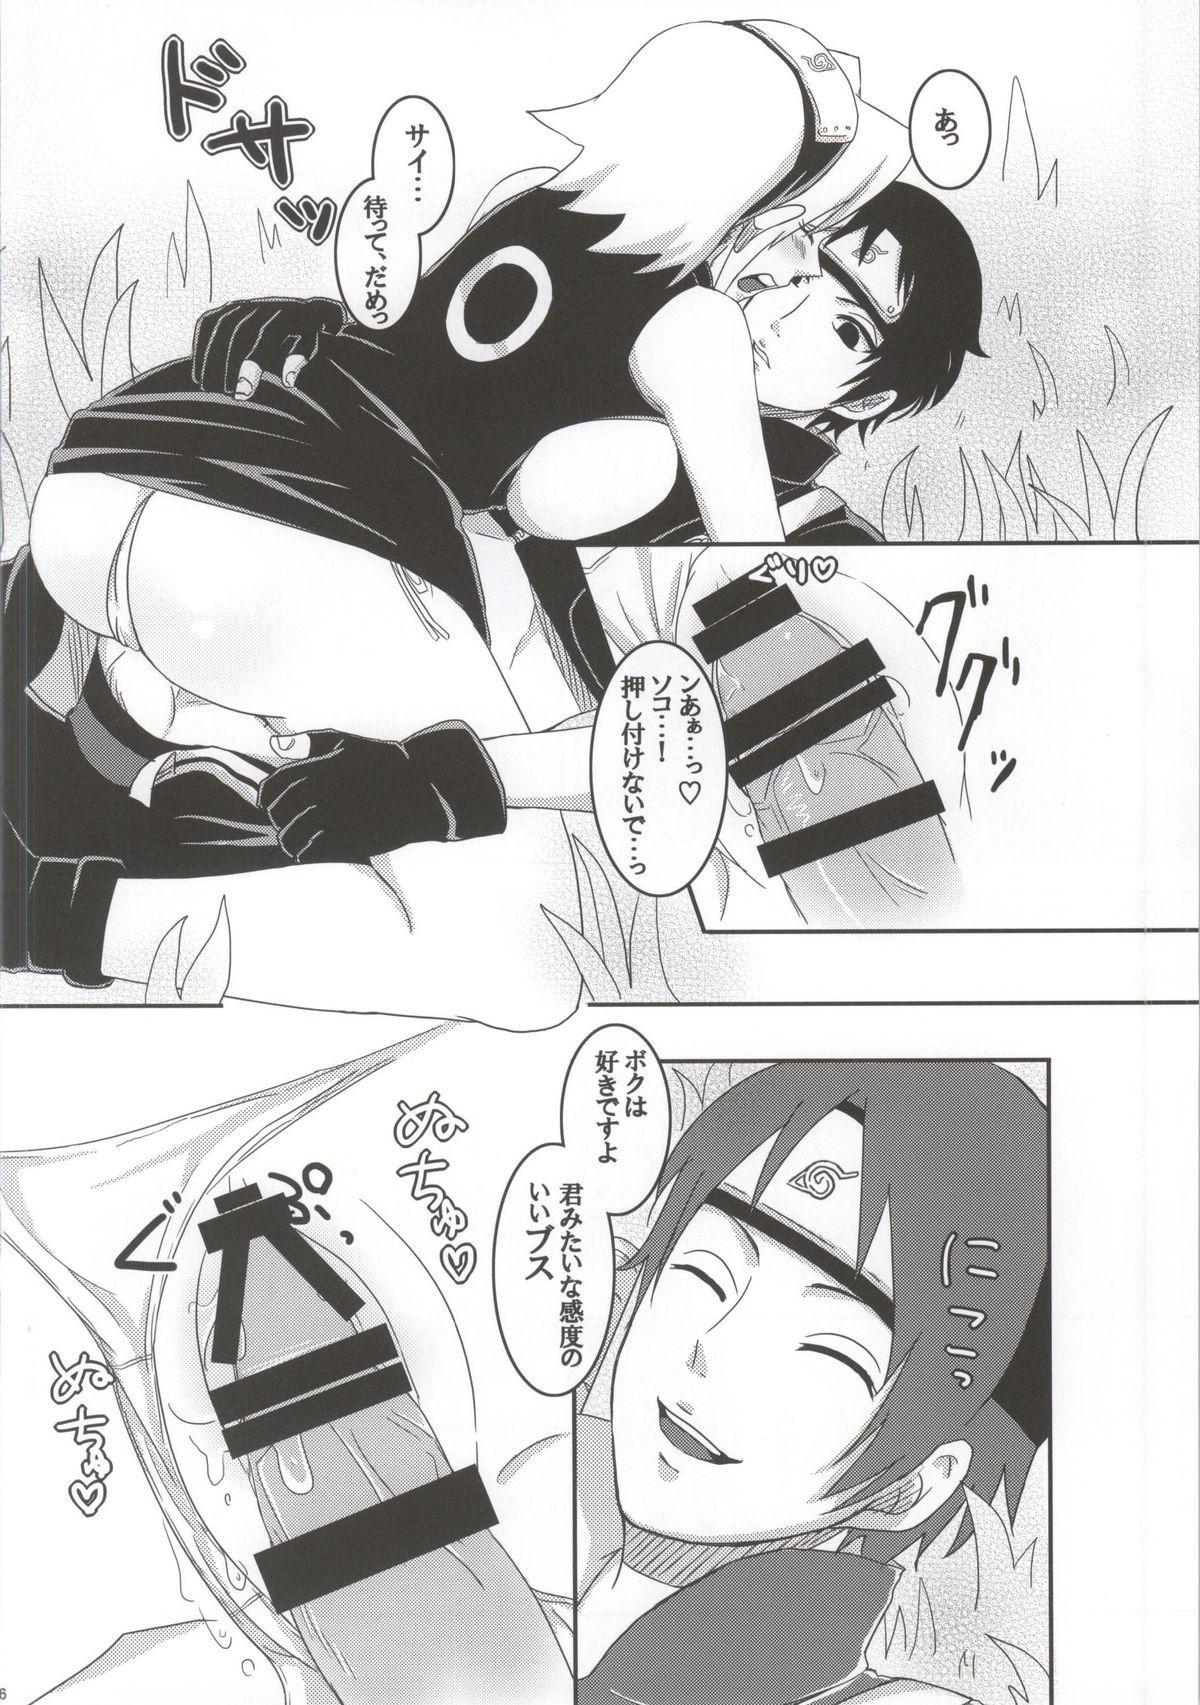 Shinobi no Kokoroe 15